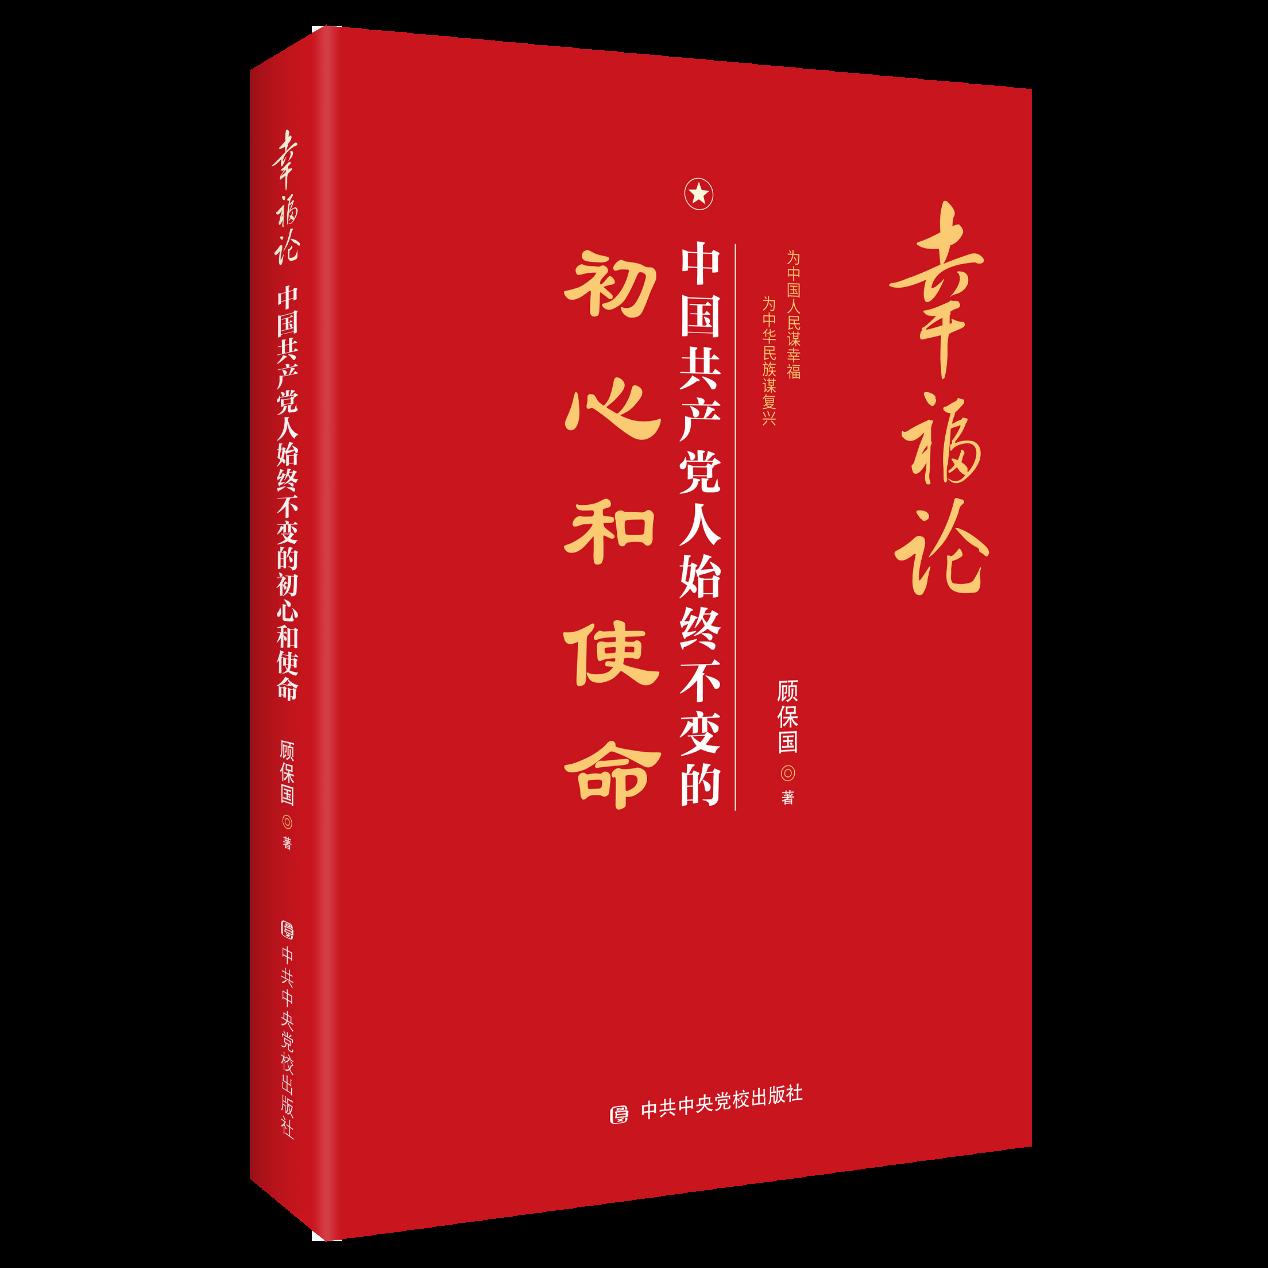 幸福论:ag8亚游集团共产党人始终不变的初心和使命出版发行